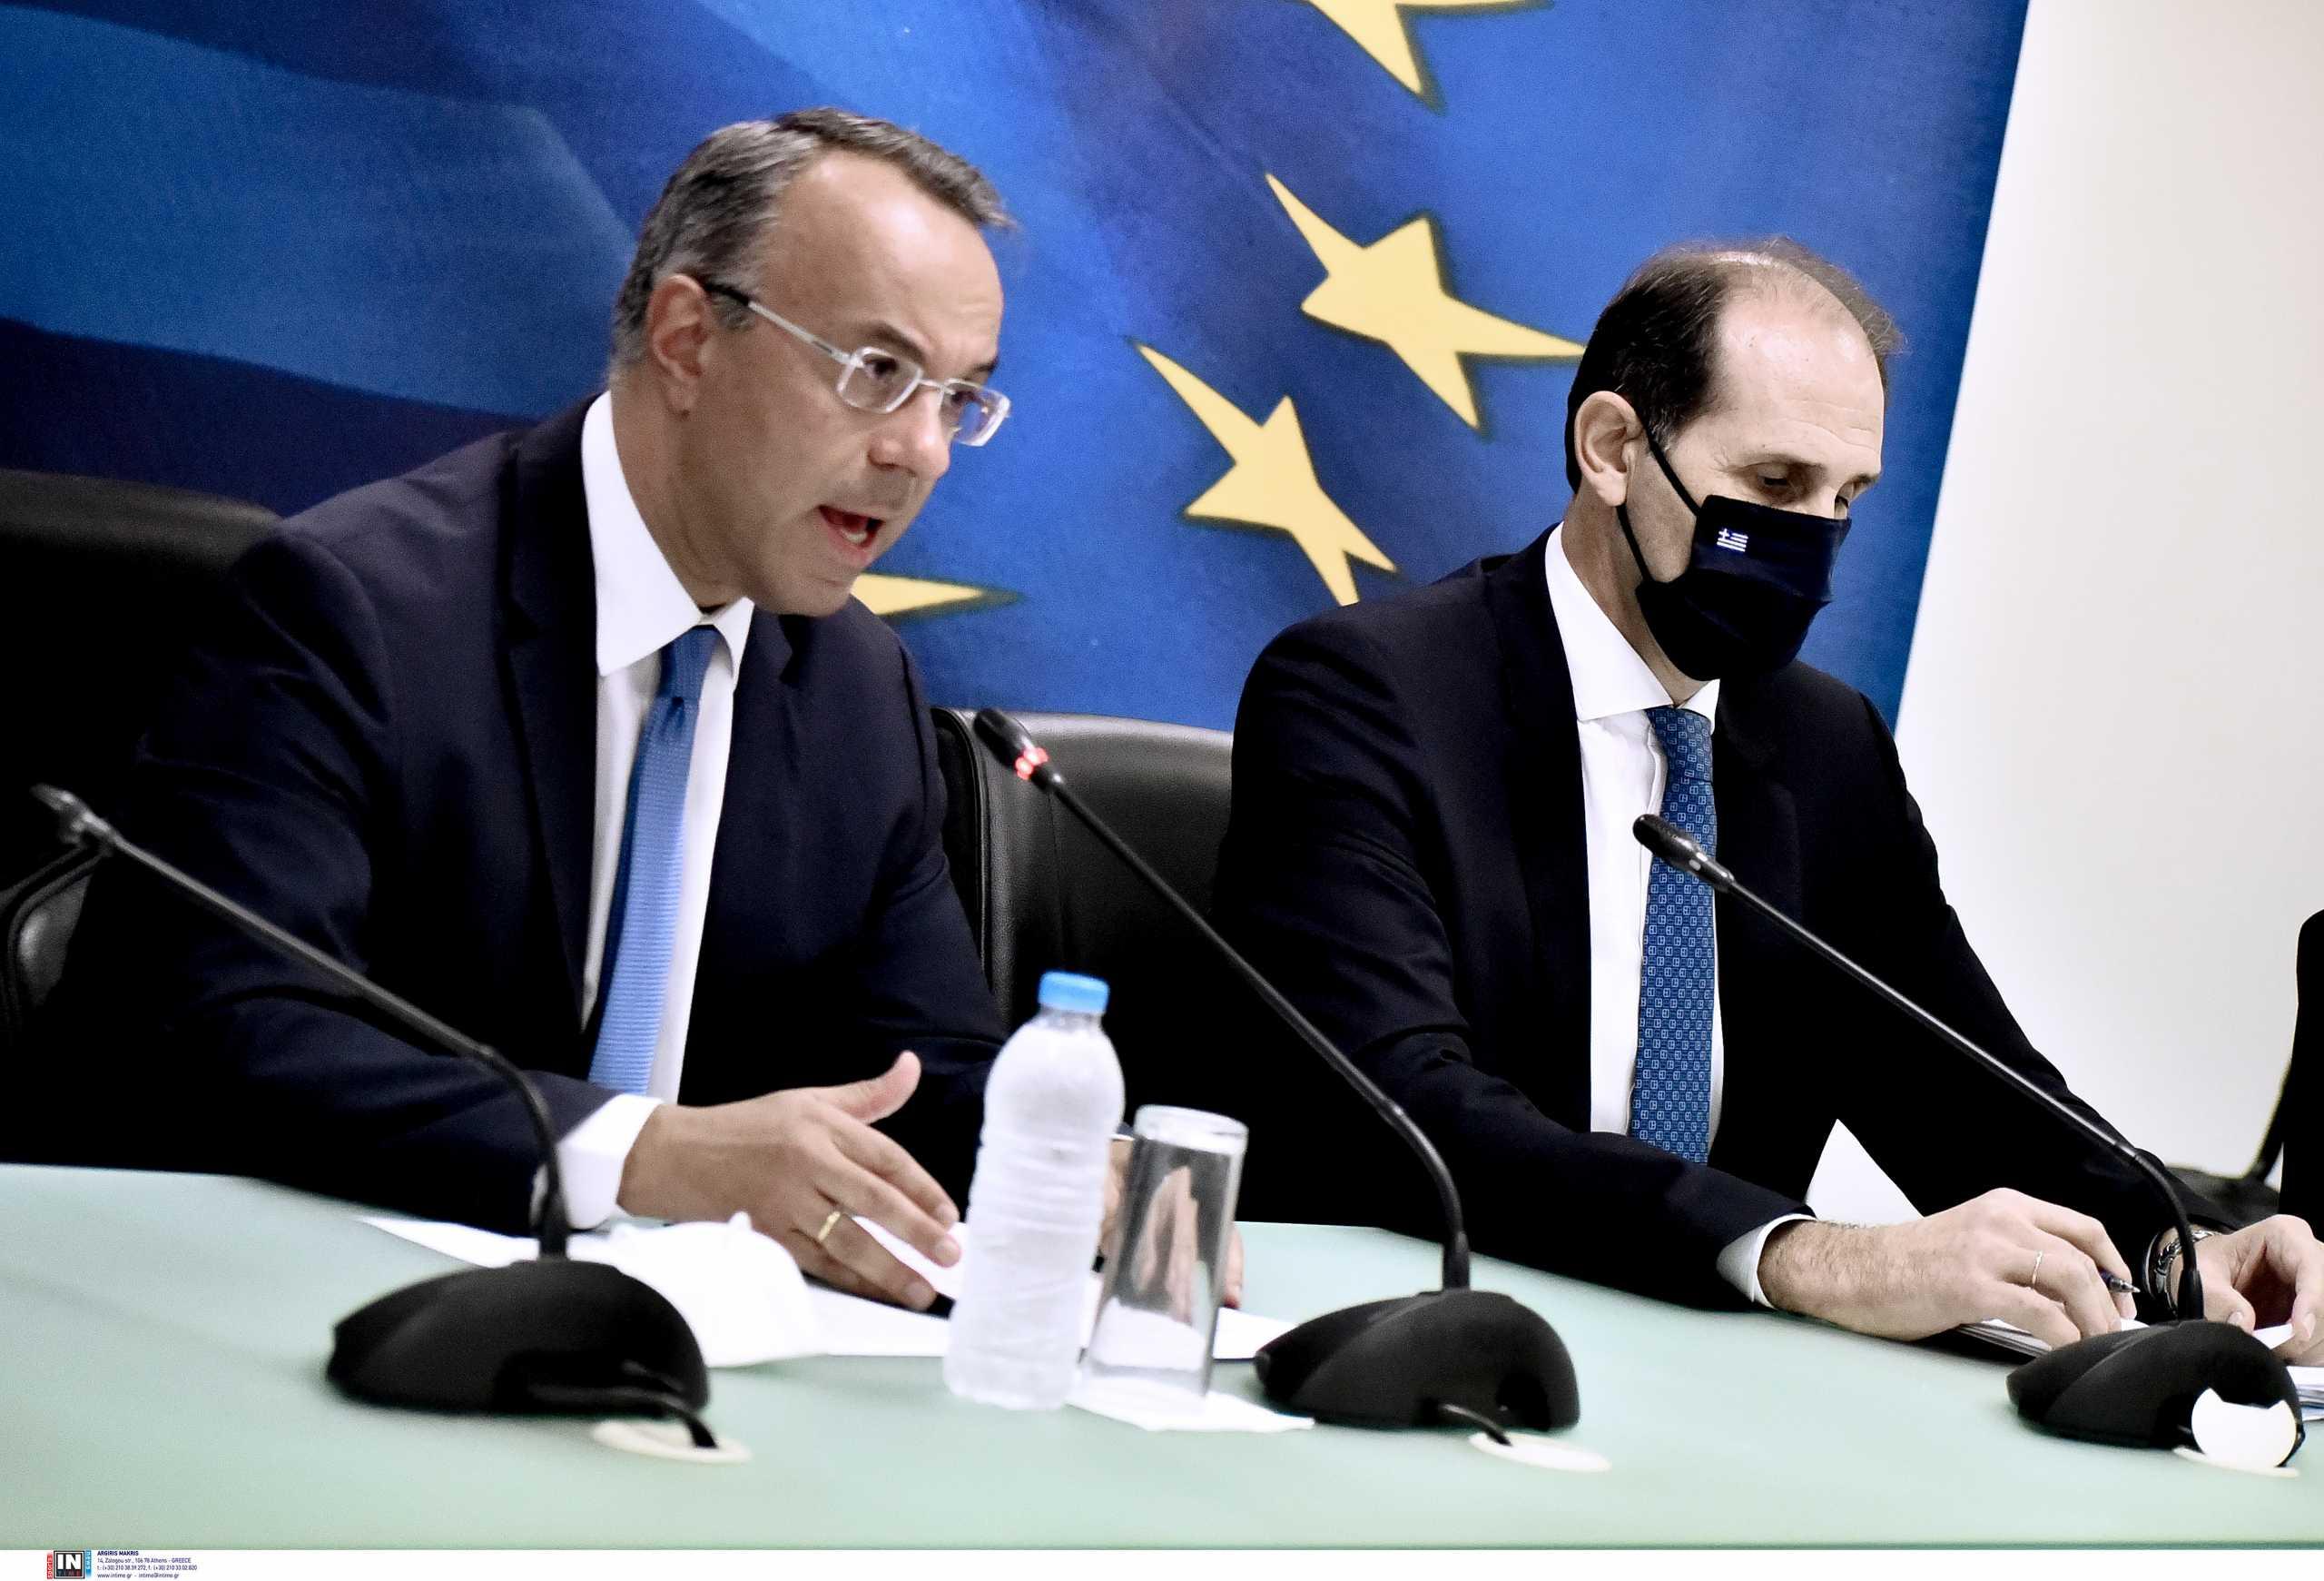 Σταϊκούρας: Μειώσεις φόρων και αύξηση επιδόματος θέρμανσης – Τι θα γίνει με την επιστρεπτέα προκαταβολή